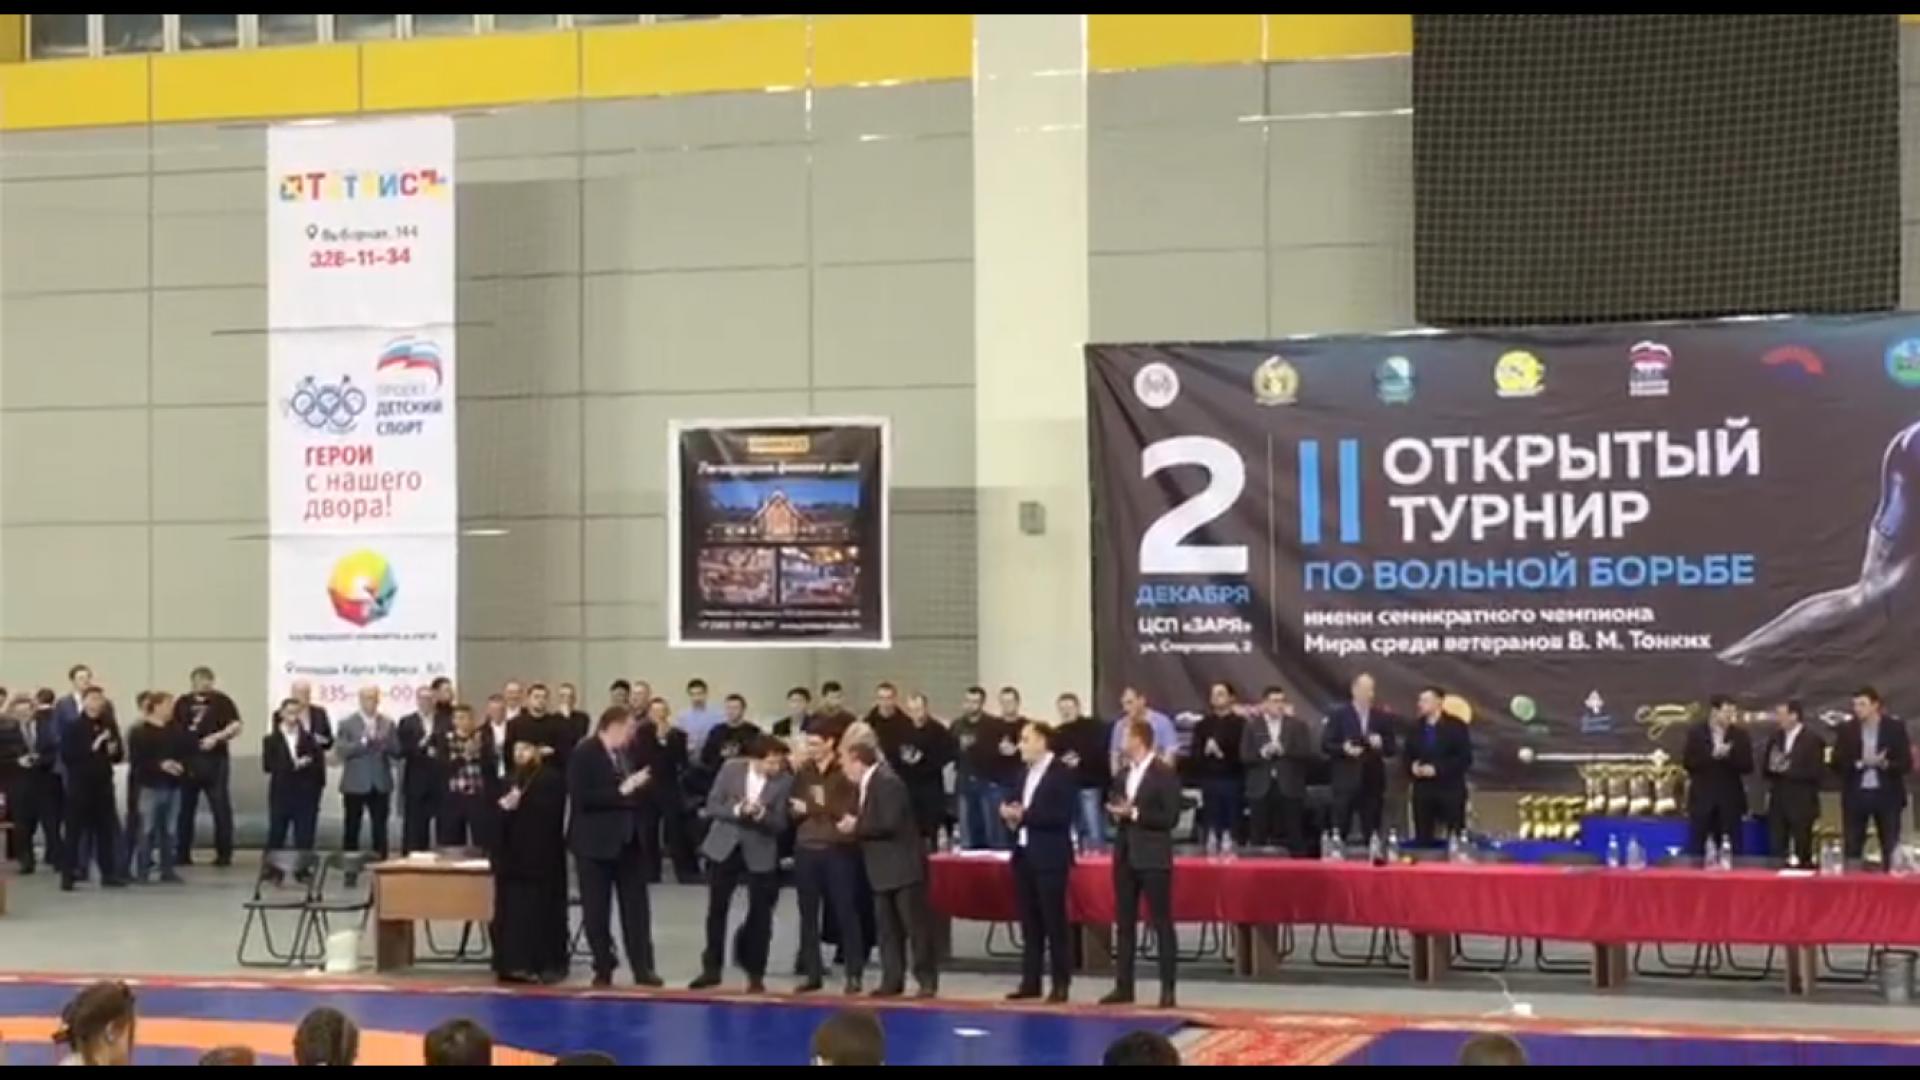 HONKA поддержала Второй открытый турнир по вольной борьбе в Новосибирске